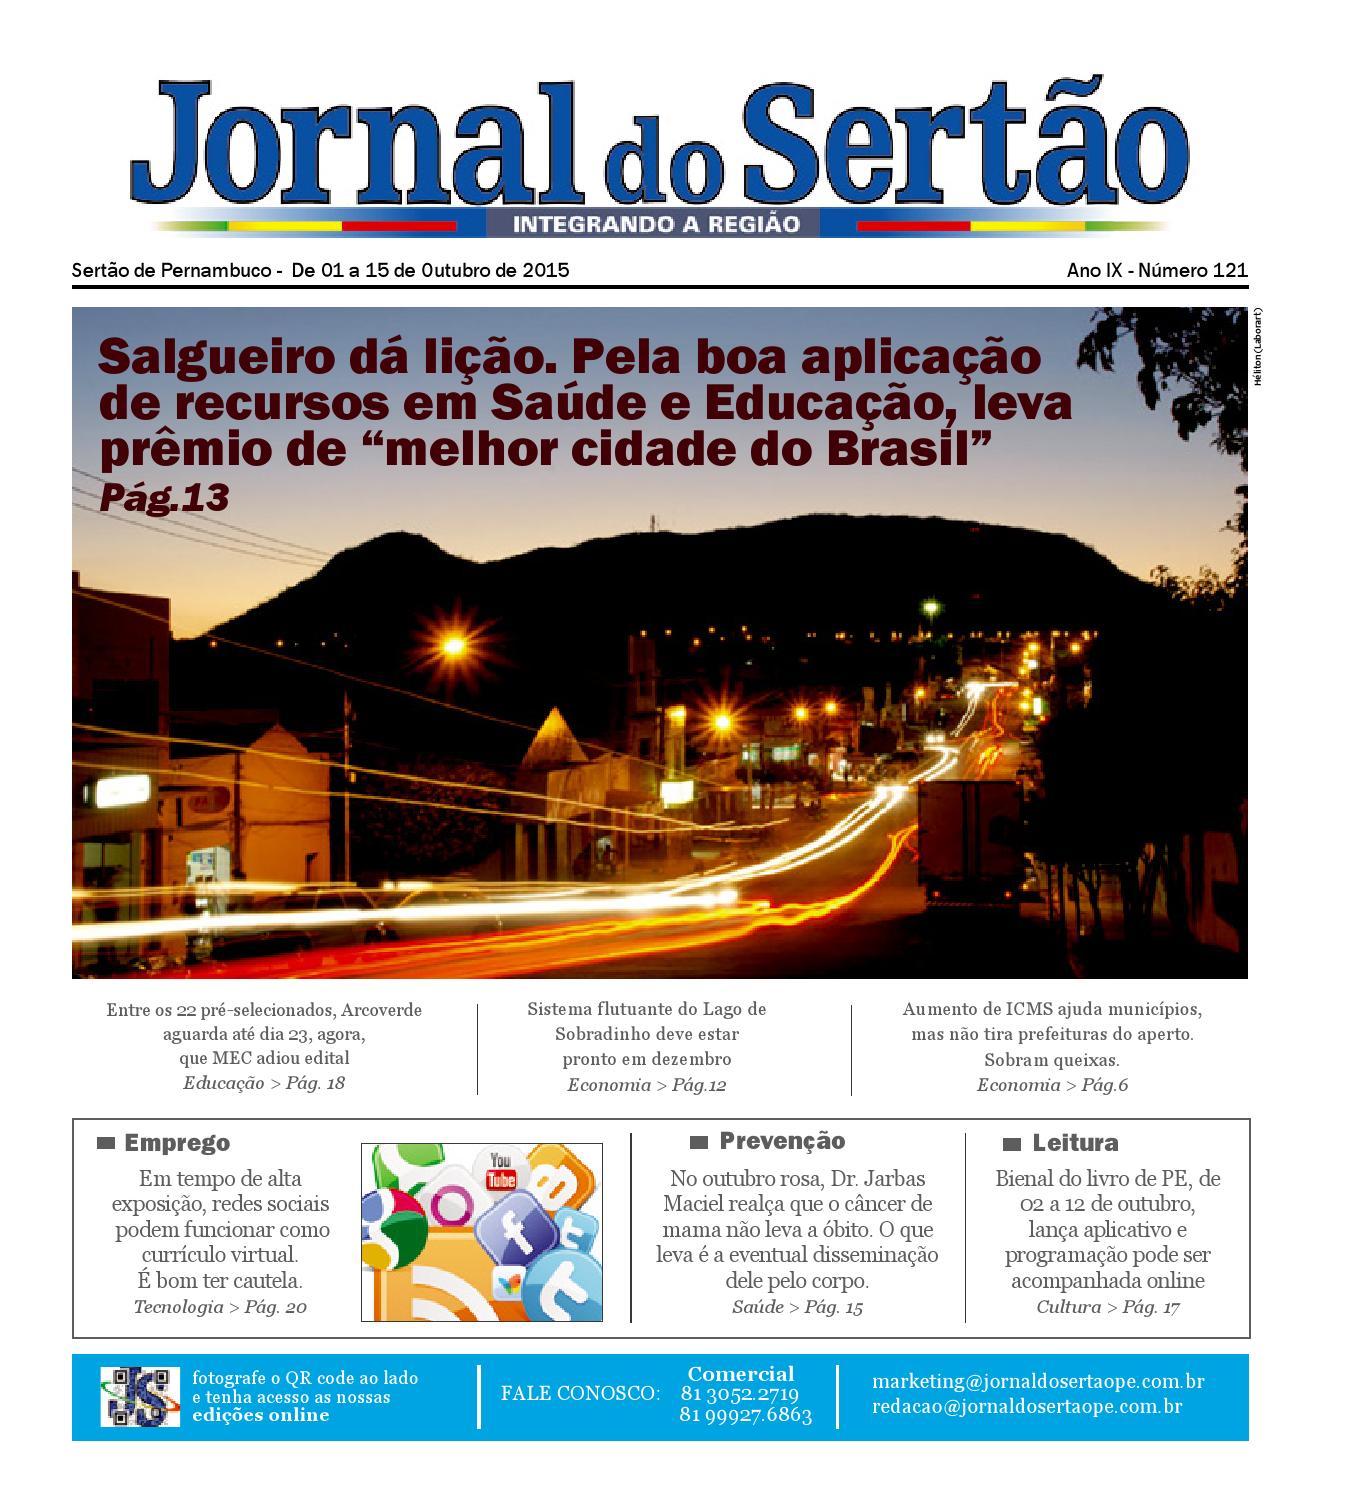 JORNAL DO SERTÃO ED 121 QUINZENA OUTUBRO 2015 by JORNAL DO SERTÃO - issuu ce5a475871